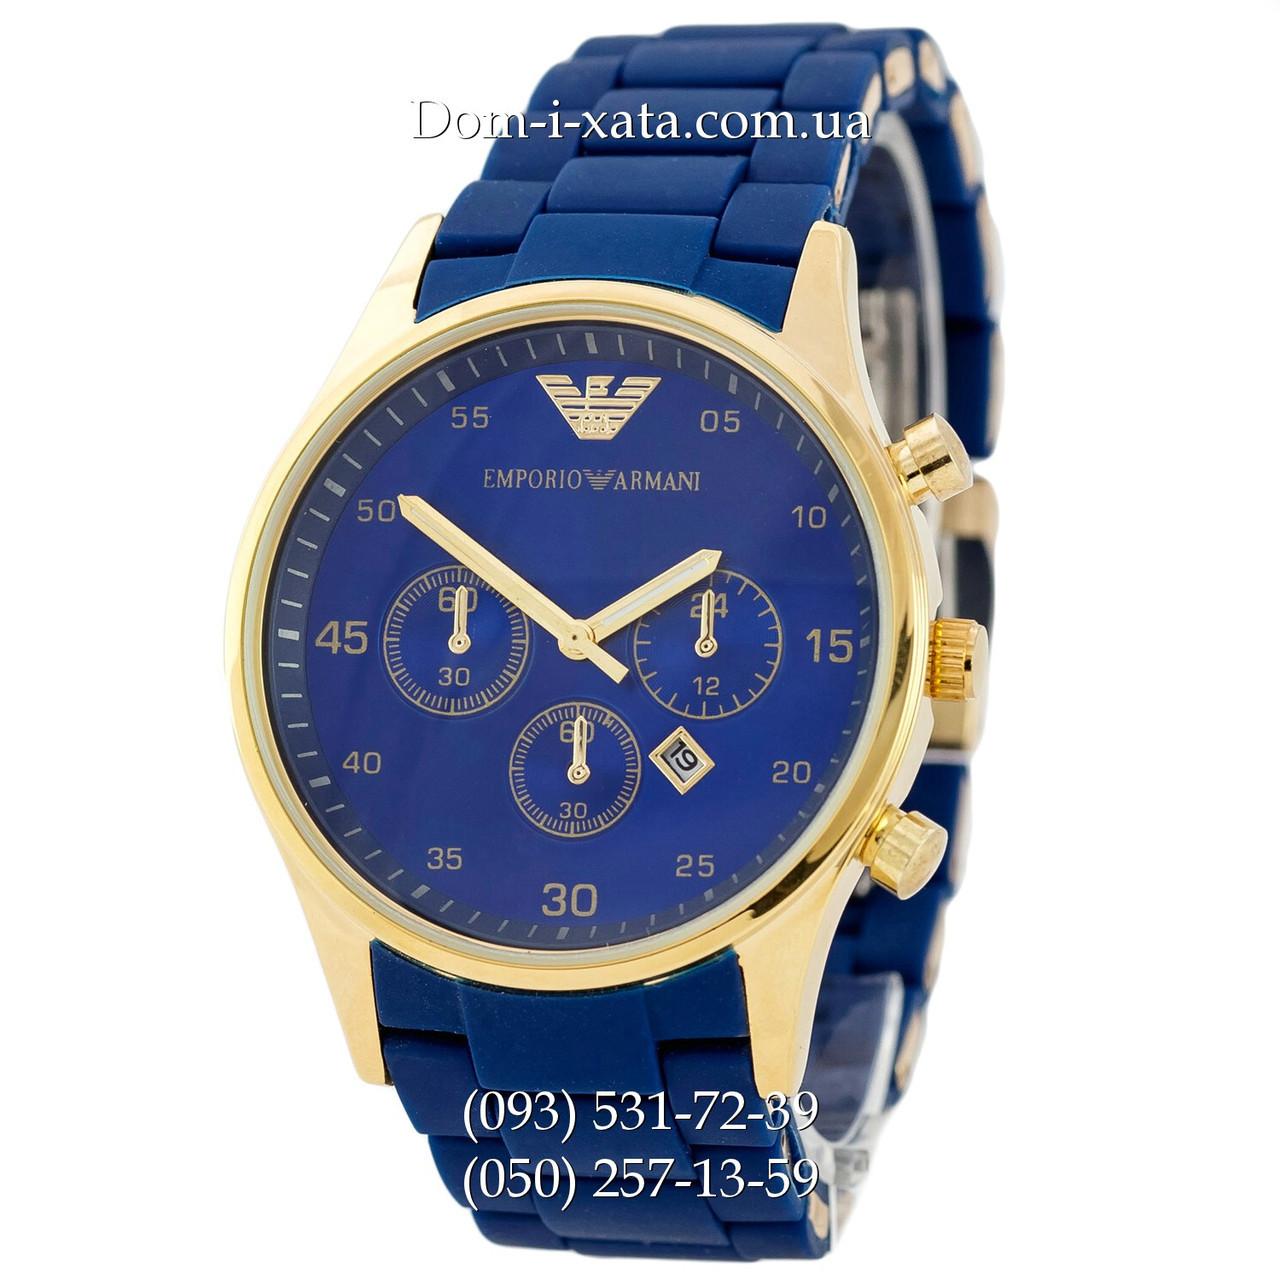 Мужские часы Emporio Armani blue-gold, элитные часы Эмпорио Армани синий-золото, реплика отличное качество!